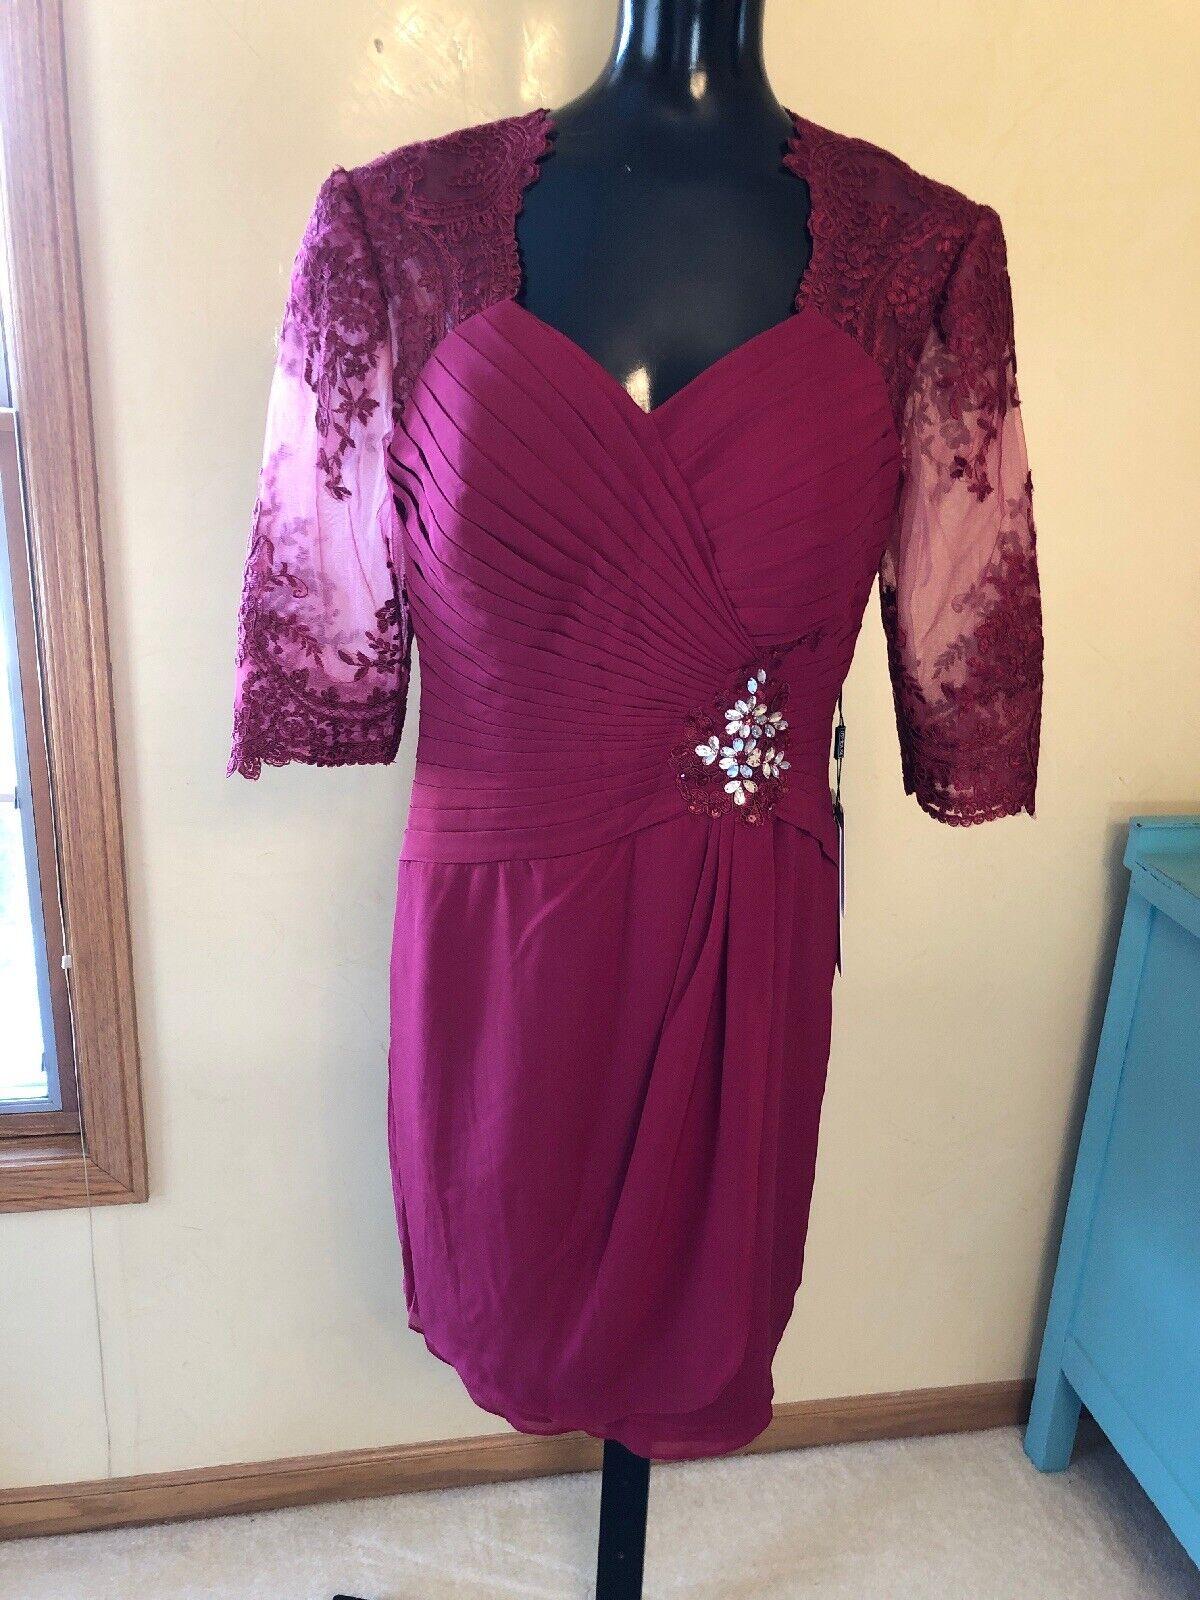 JJ's House Women's Short Sleeve Beaded Formal Burgundy Dress Gown 38 Bust